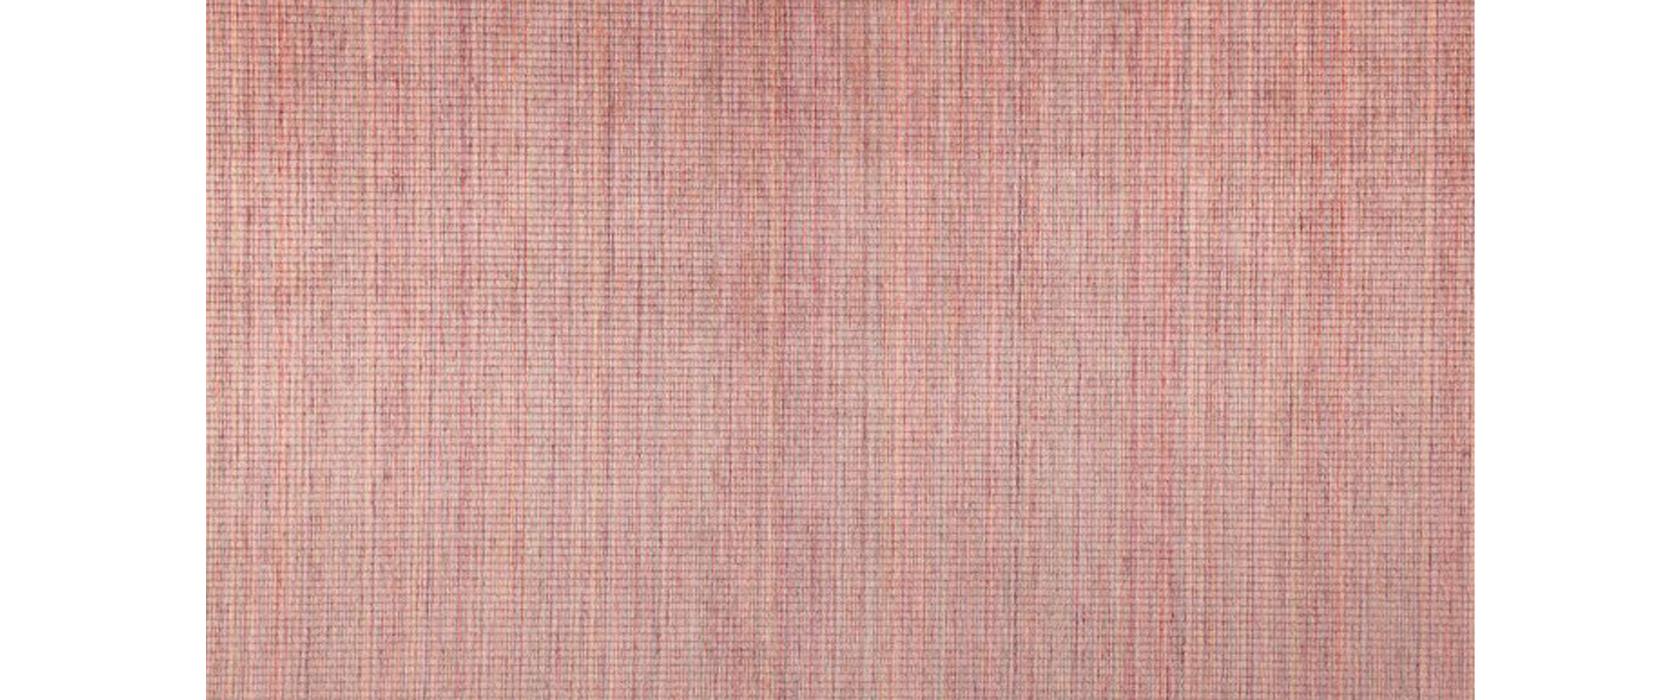 Ковер Seul Coral 160х230 см - Pufetto